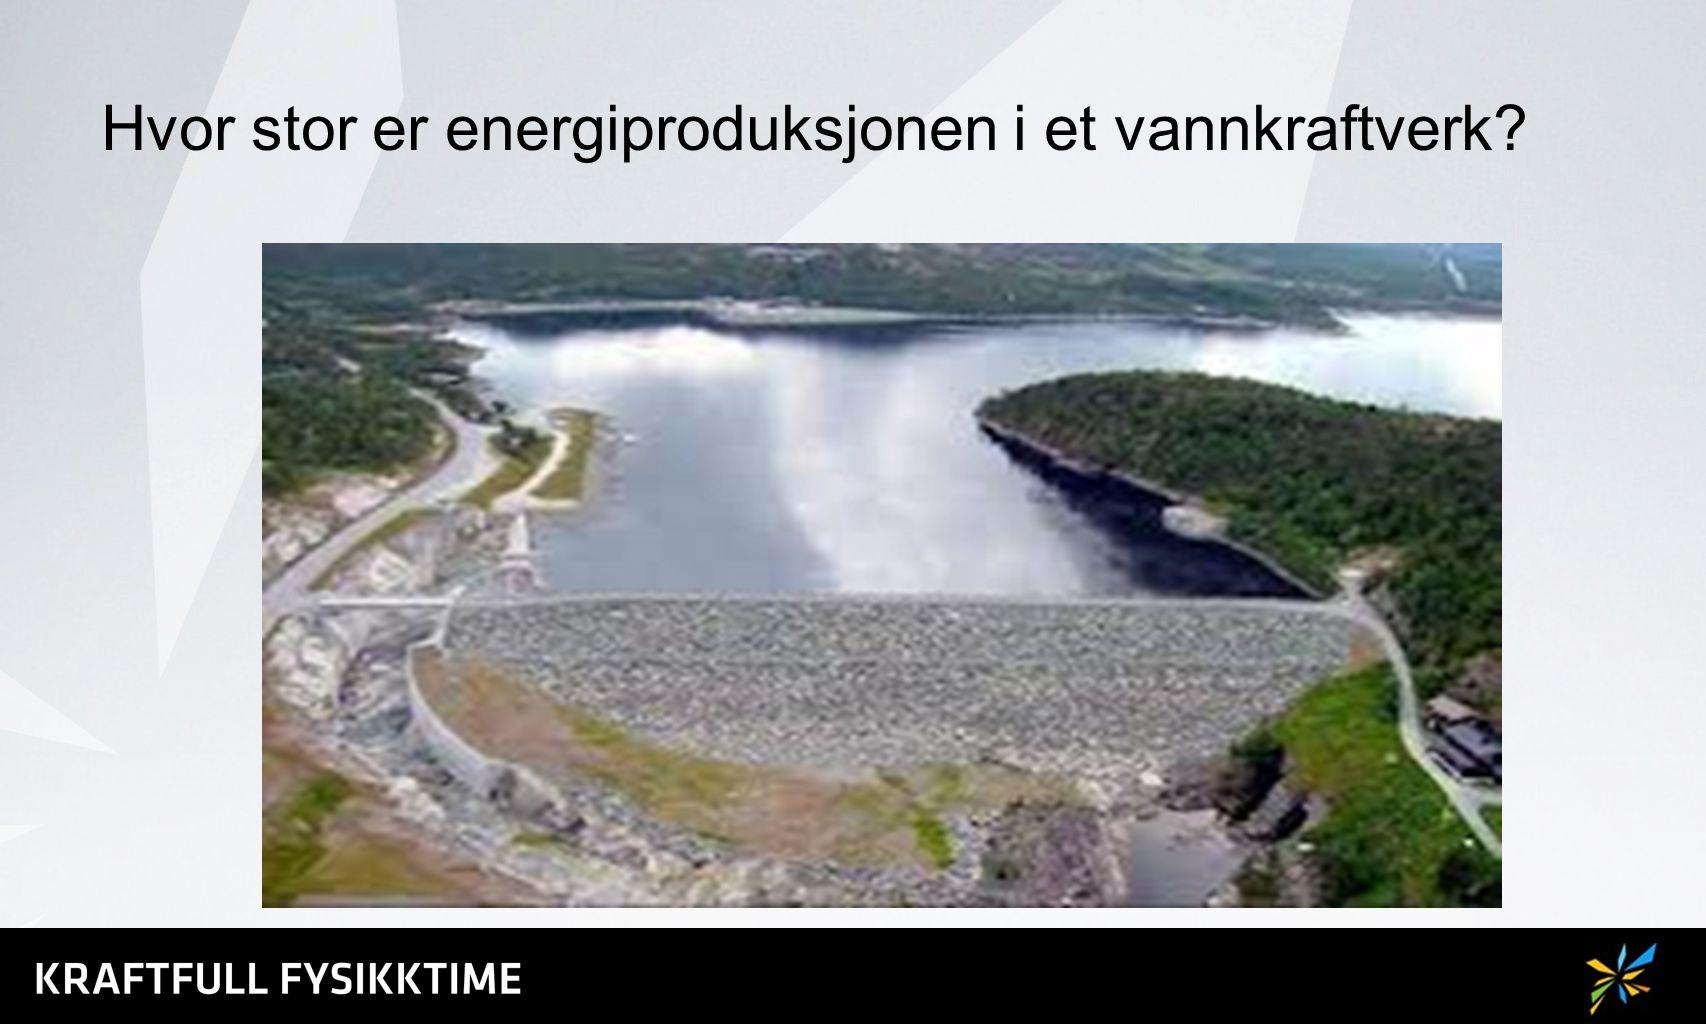 Hvor stor er energiproduksjonen i et vannkraftverk?